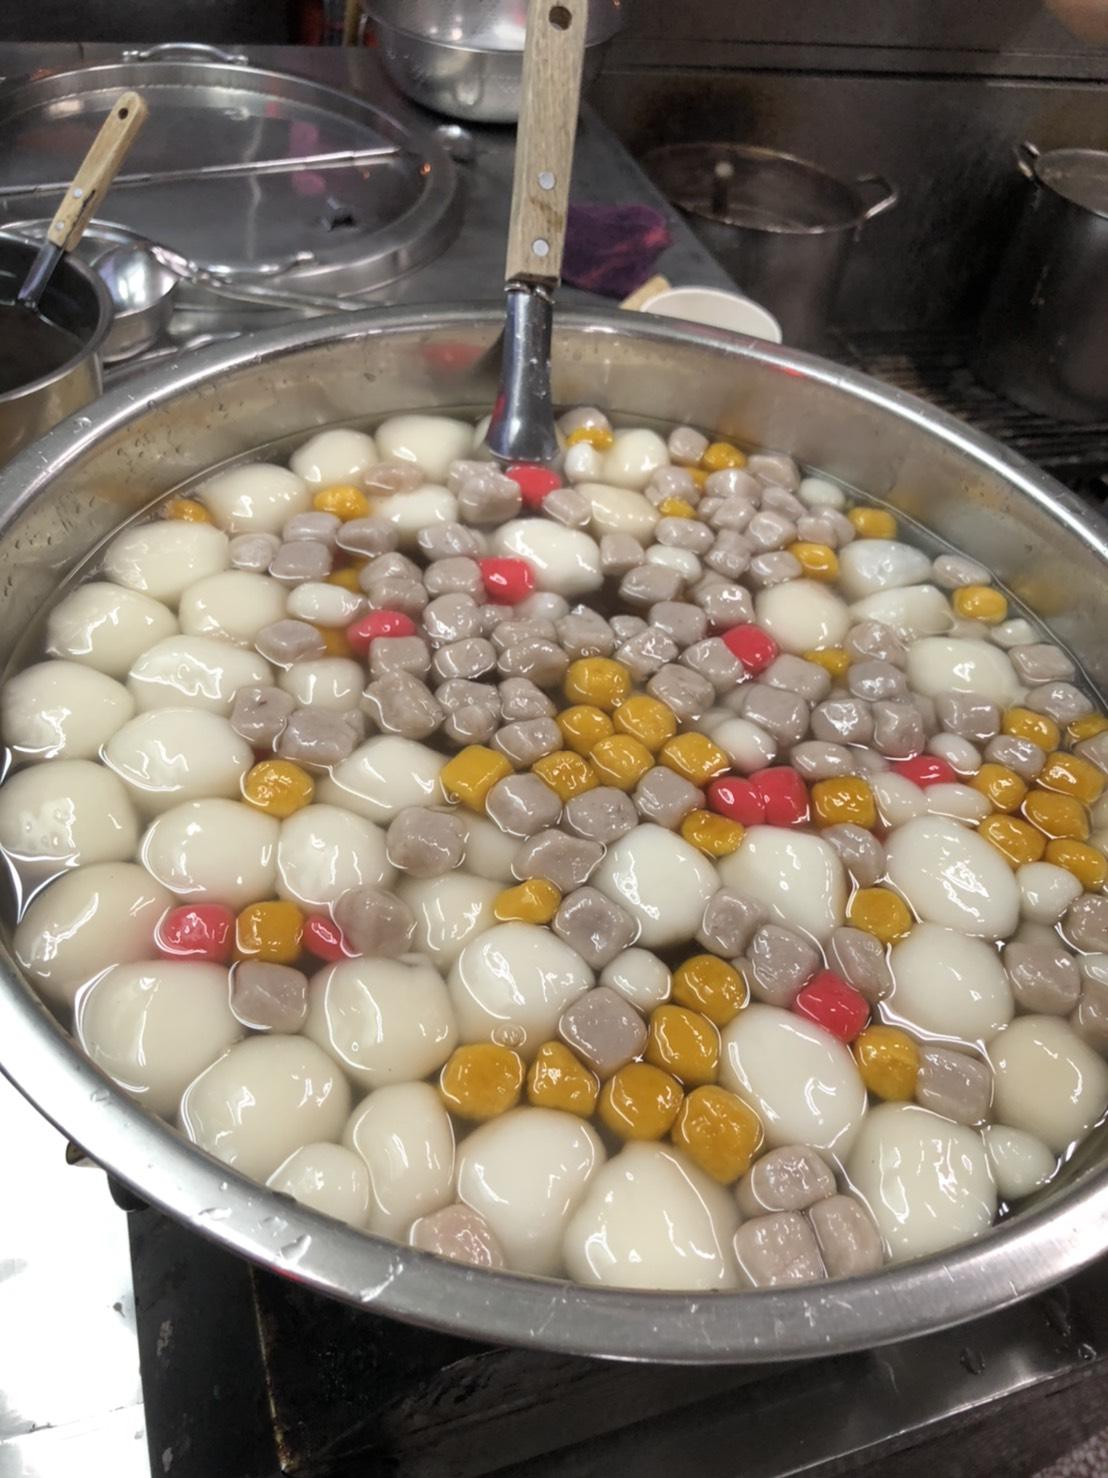 遼寧夜市 客家自製湯圓 30年手工製作 Q彈香,值得推薦!